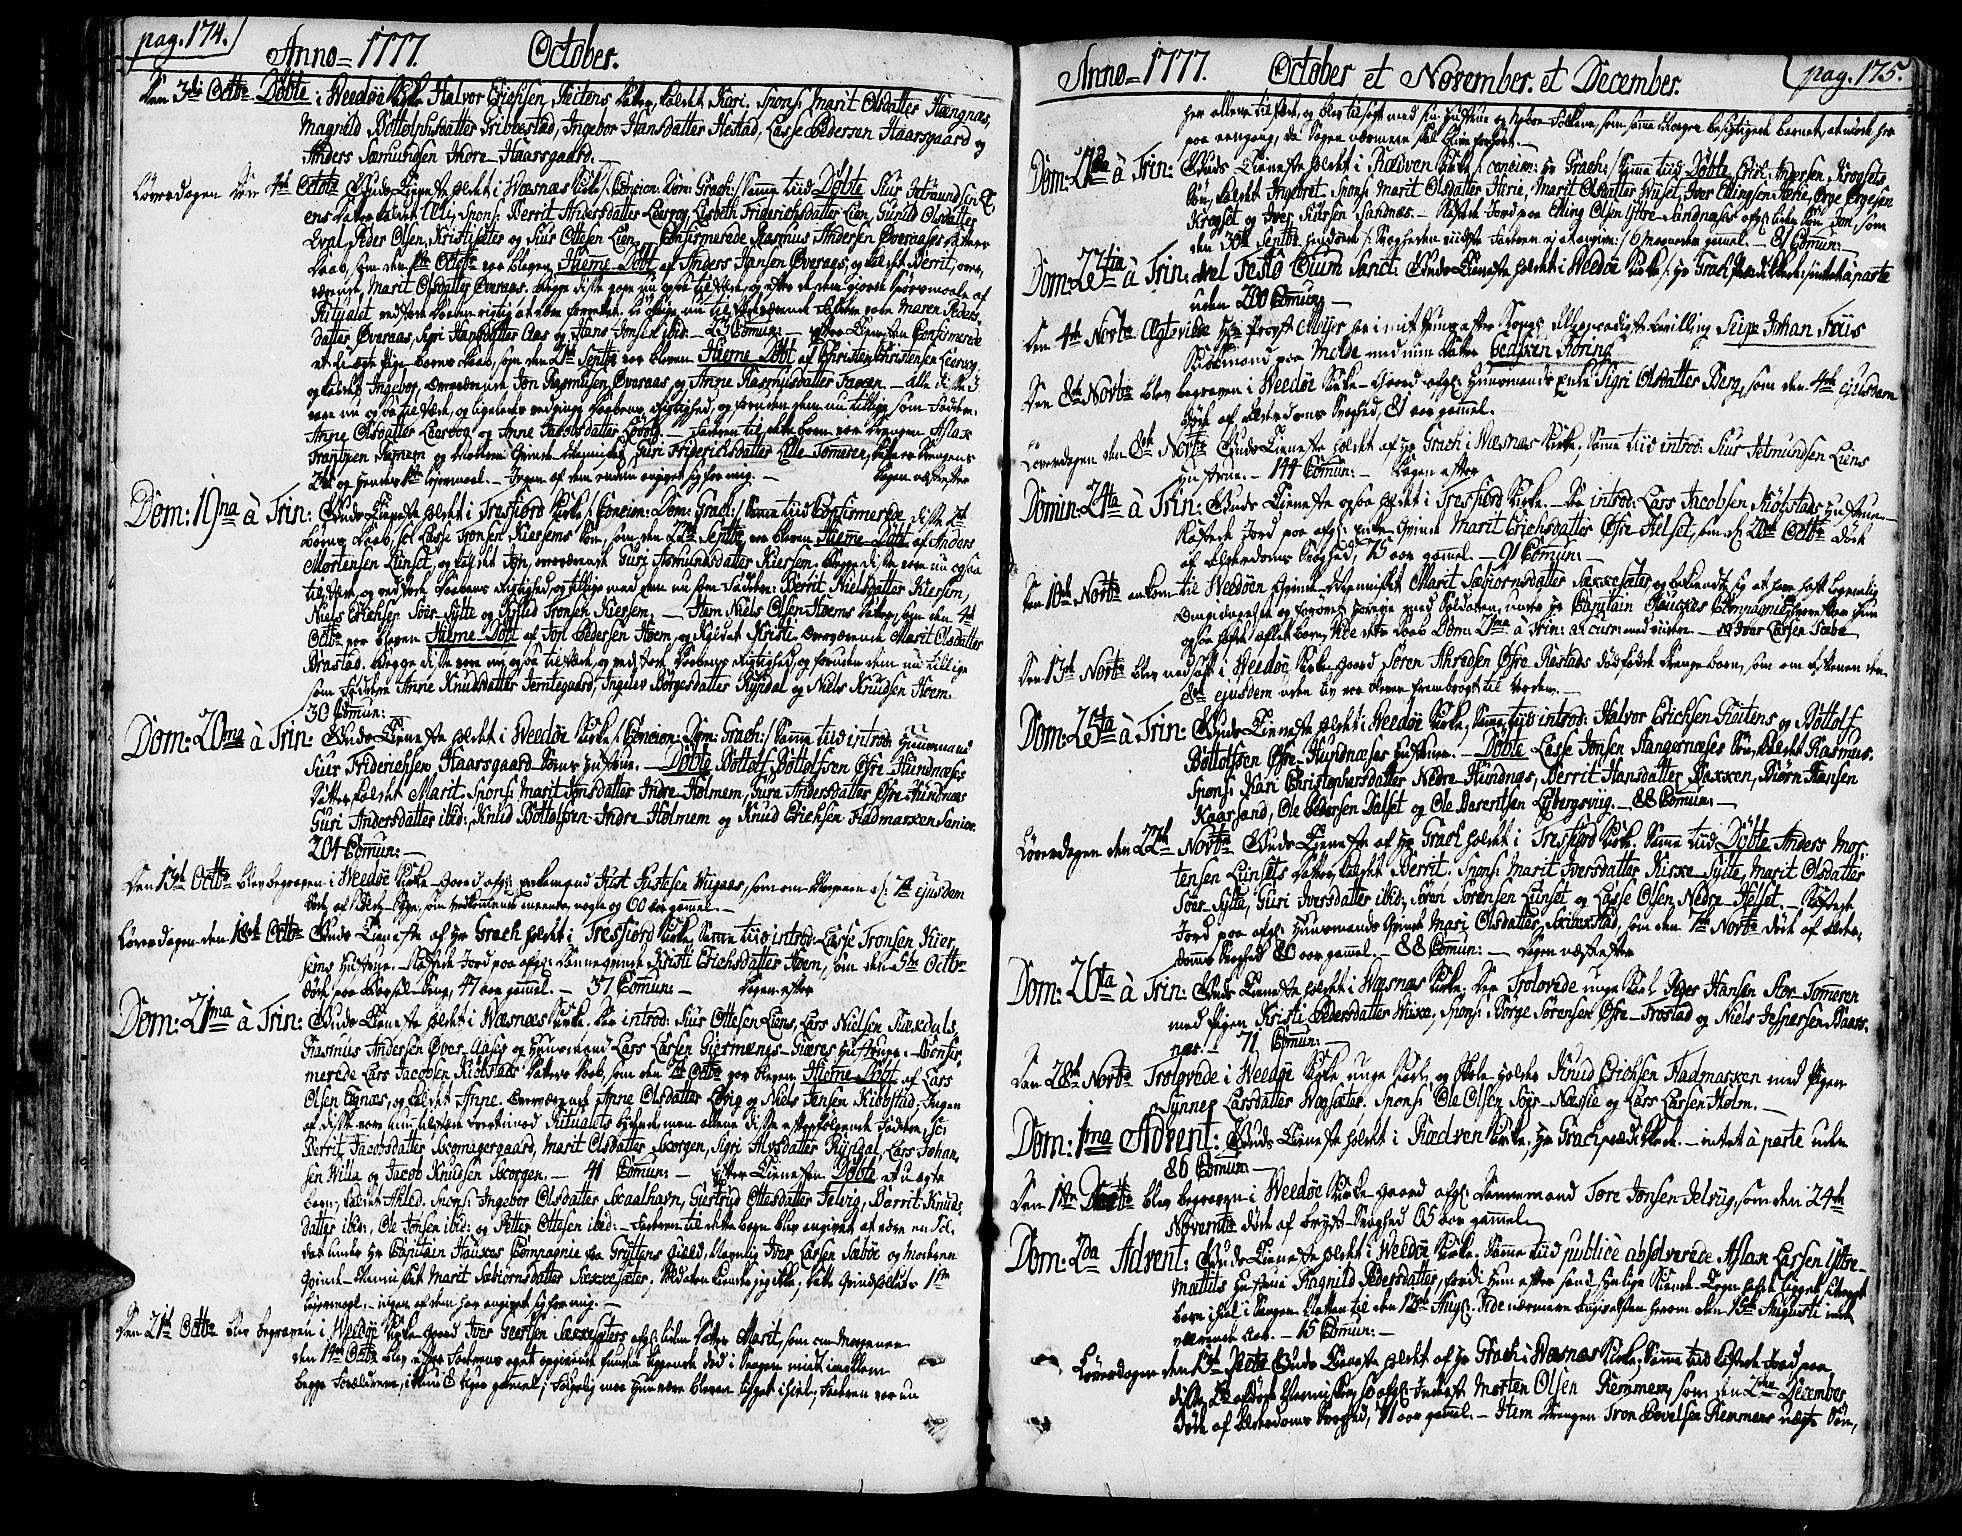 SAT, Ministerialprotokoller, klokkerbøker og fødselsregistre - Møre og Romsdal, 547/L0600: Ministerialbok nr. 547A02, 1765-1799, s. 174-175